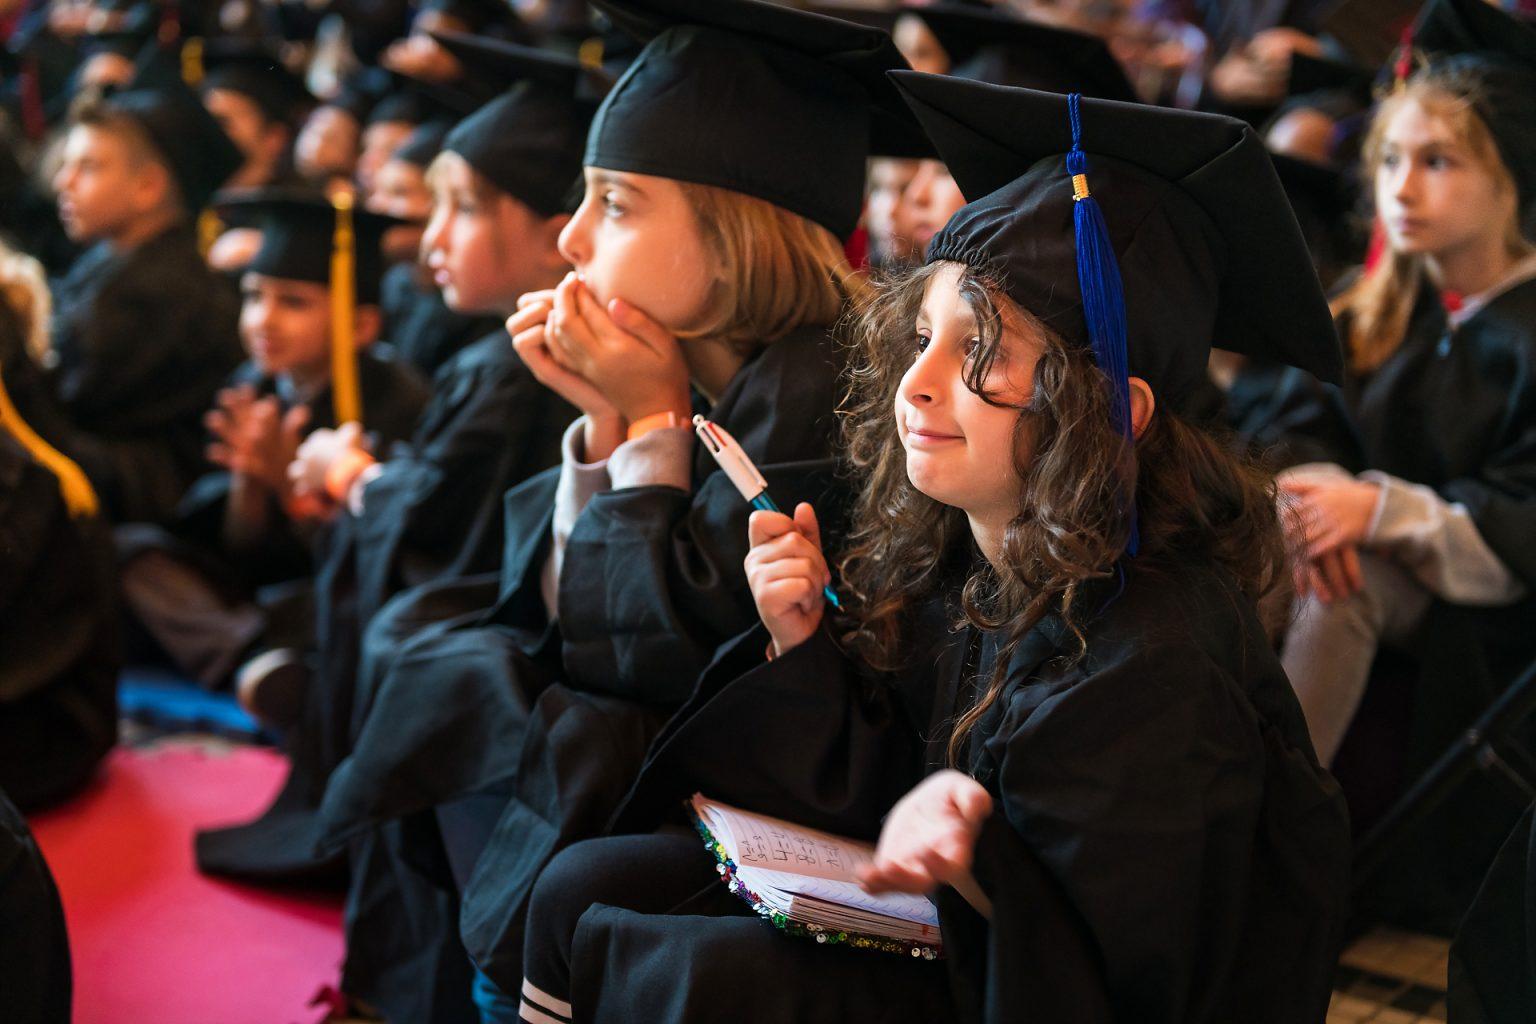 Université des Enfants de Charleroi : public attentif. Reportage photographique de l'événement par Aurore Delsoir photographe événementiel